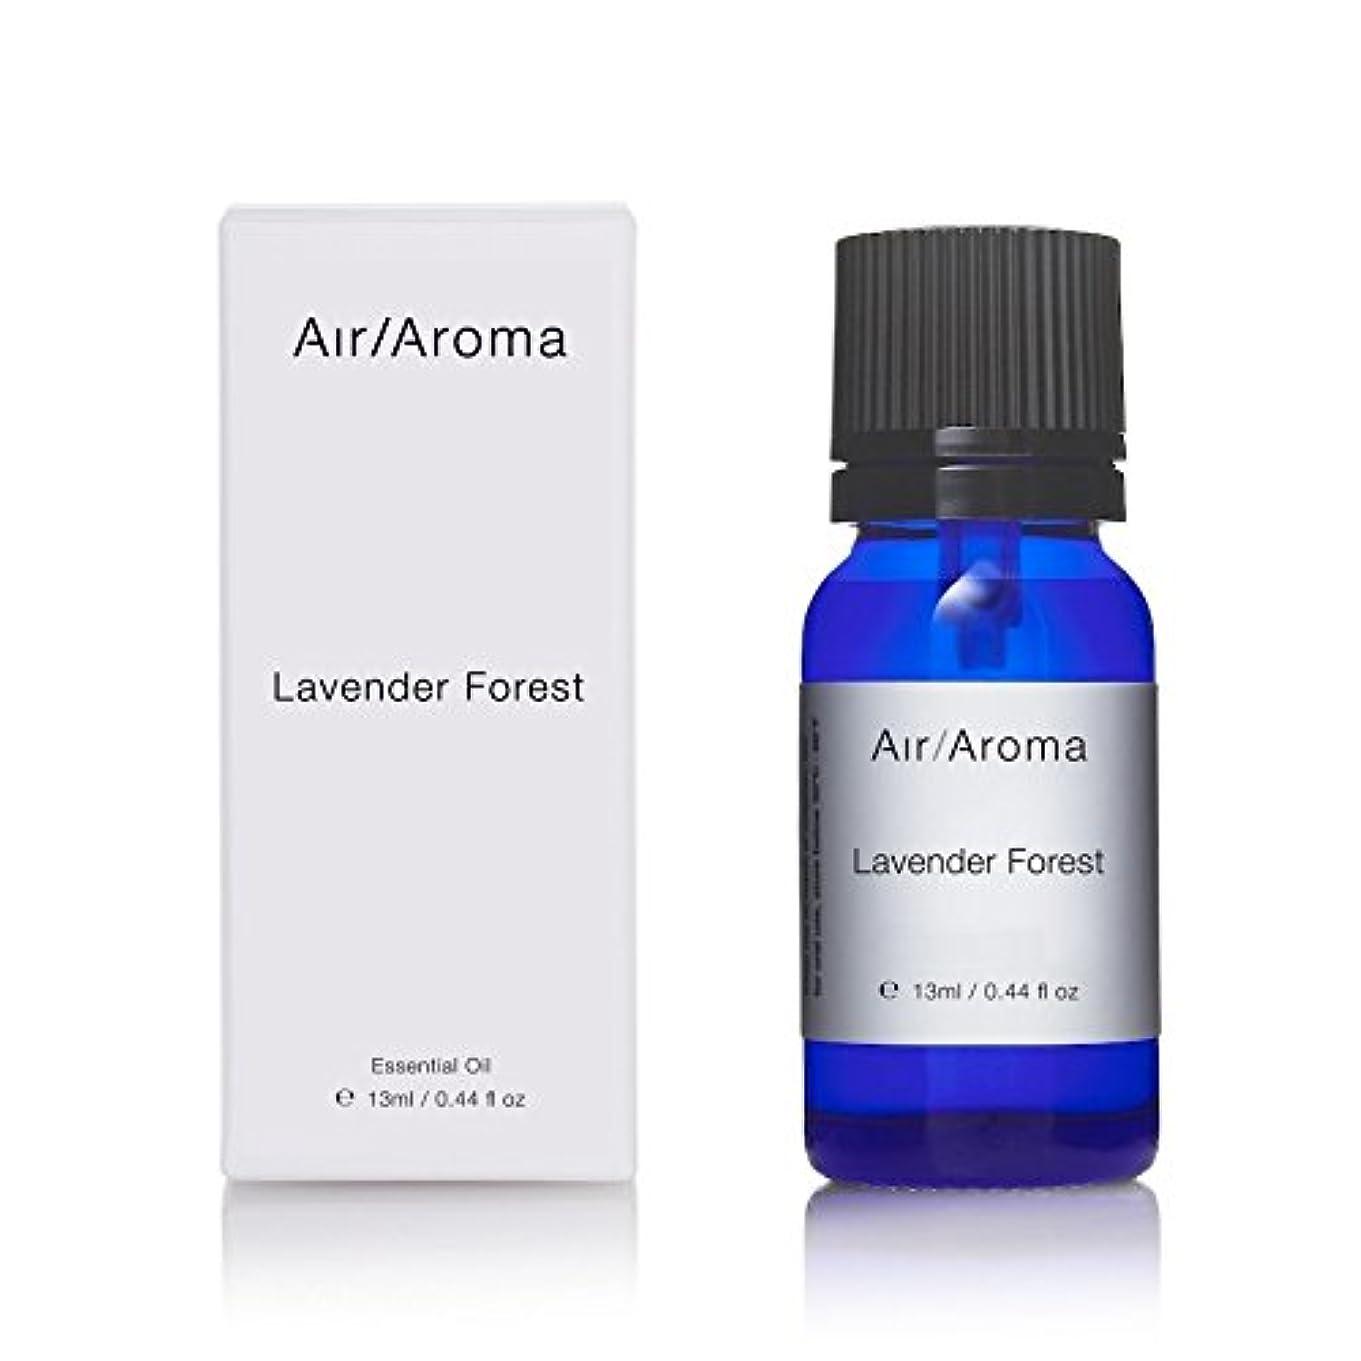 無許可ディレイワーディアンケースエアアロマ lavender forest (ラベンダーフォレスト) 13ml